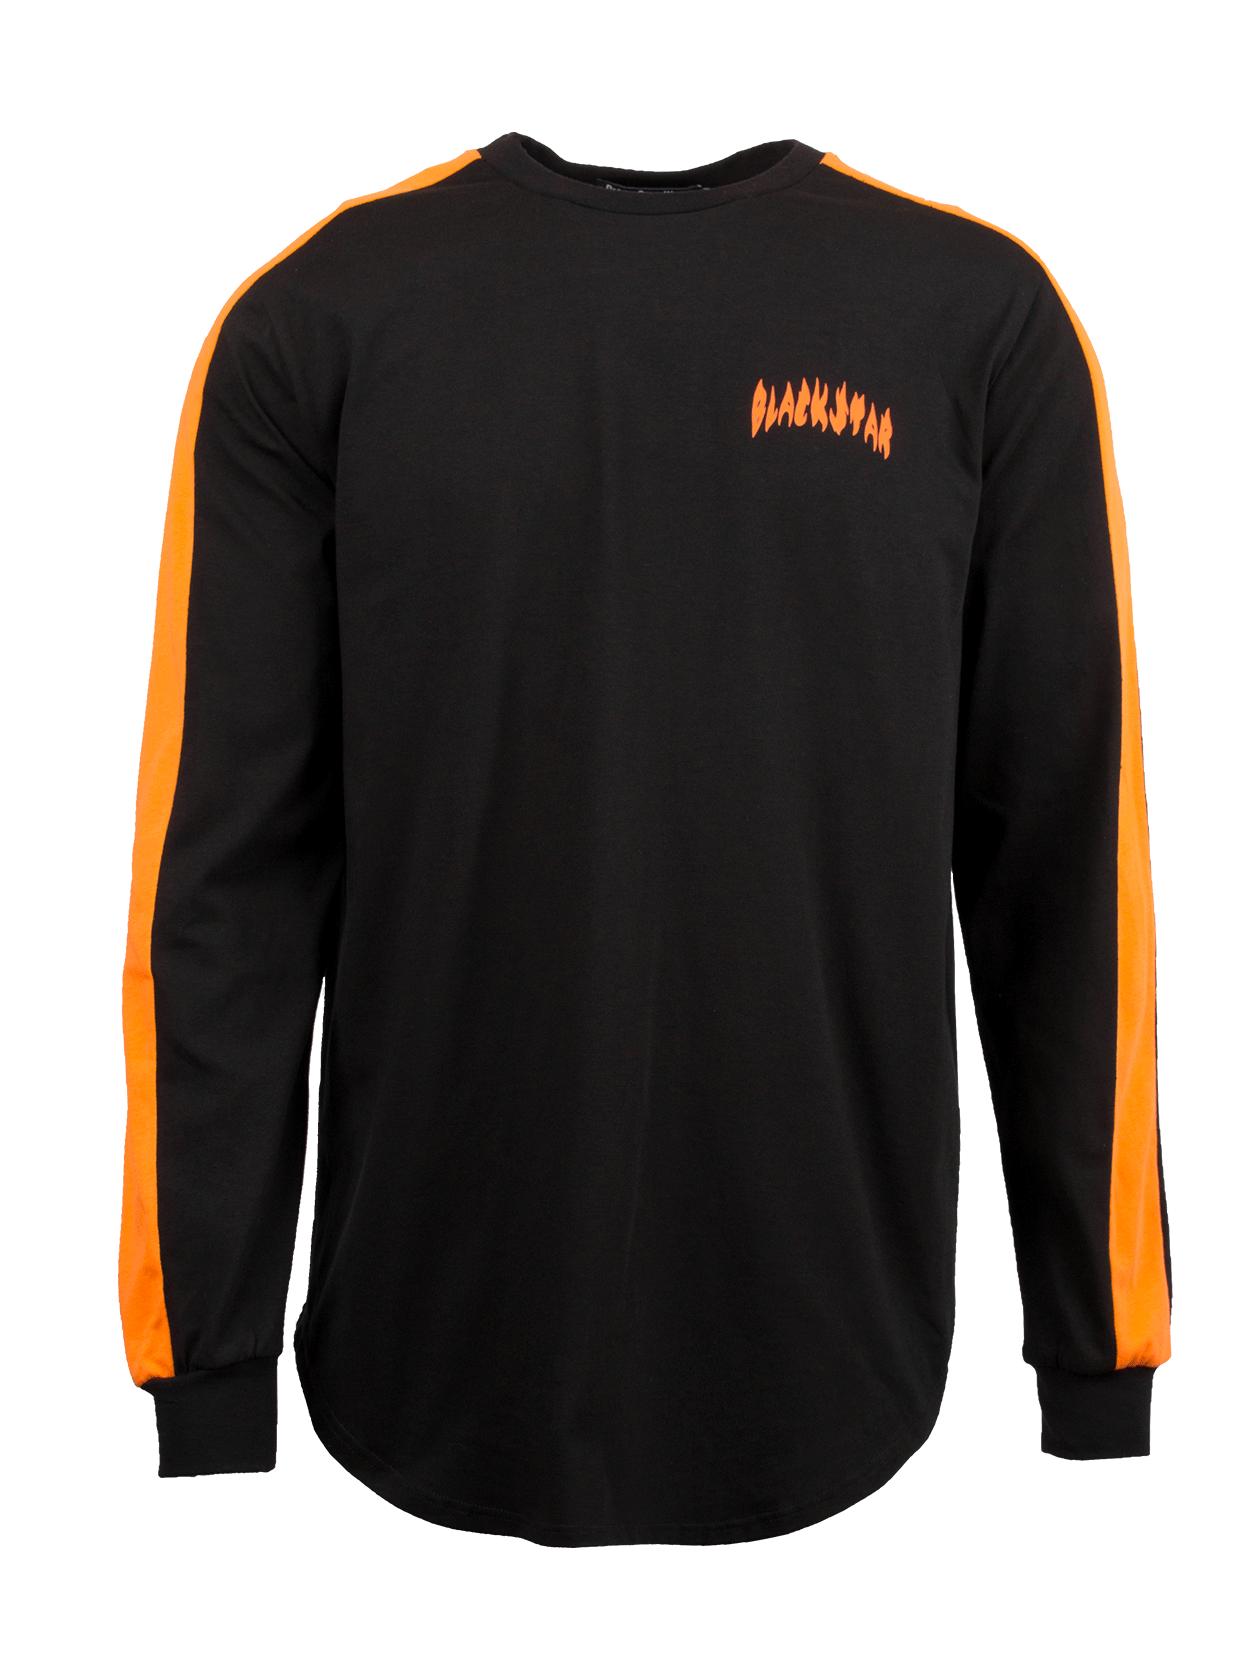 Лонгслив  FIRE FLAME BSЧерный лонгслив Fare Flame BS из коллекции Orange Flame – модный тренд от бренда Black Star. Стильный крой, смелые дизайнерские решения сразу бросаются в глаза. Модель прямого, свободного силуэта с закругленной формой низа. Длинный рукав дополнен фиксирующими манжетами, выполненными из высококачественного эластичного трикотажа. По бокам рукавов оформлены вертикальные вставки сочного оранжевого цвета, символизирующего энергичность и бодрость духа. На груди надпись Black Star. Лонгслив сшит по особой технологии с использованием 100% хлопка премиального качества.<br><br>Размер: S<br>Цвет: Черный<br>Пол: Мужской